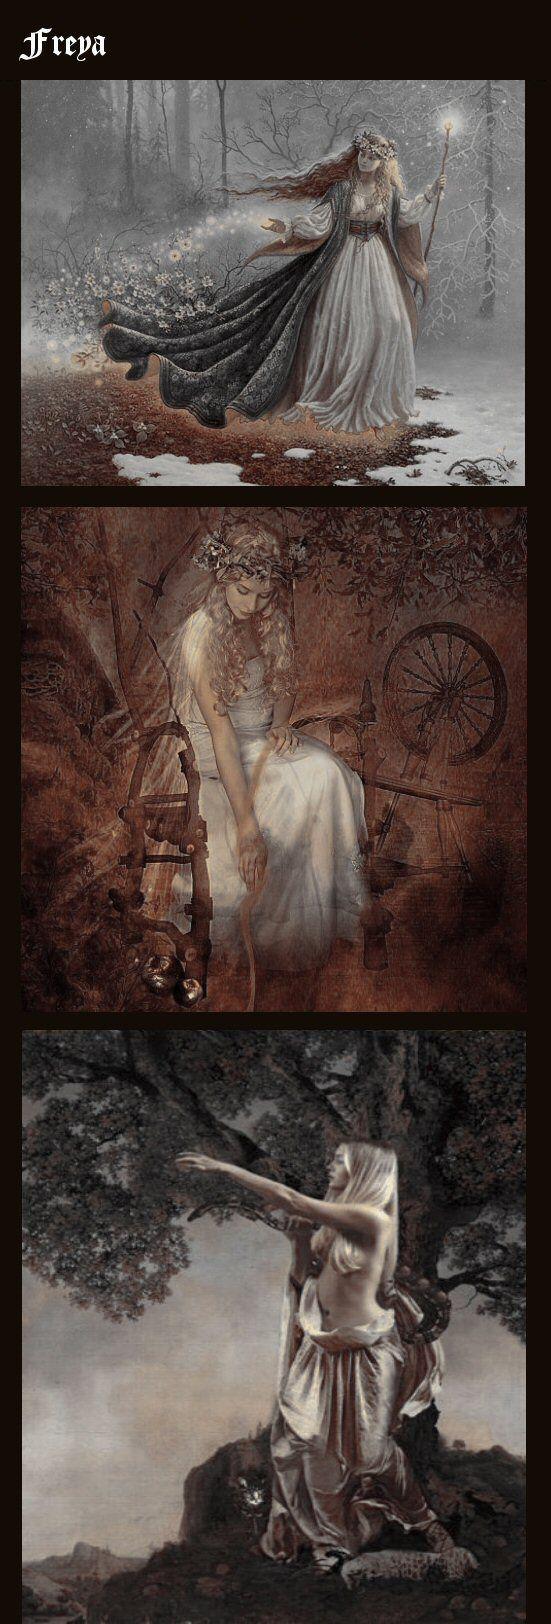 les 751 meilleures images du tableau freya sur pinterest mythologie nordique d esses et des. Black Bedroom Furniture Sets. Home Design Ideas